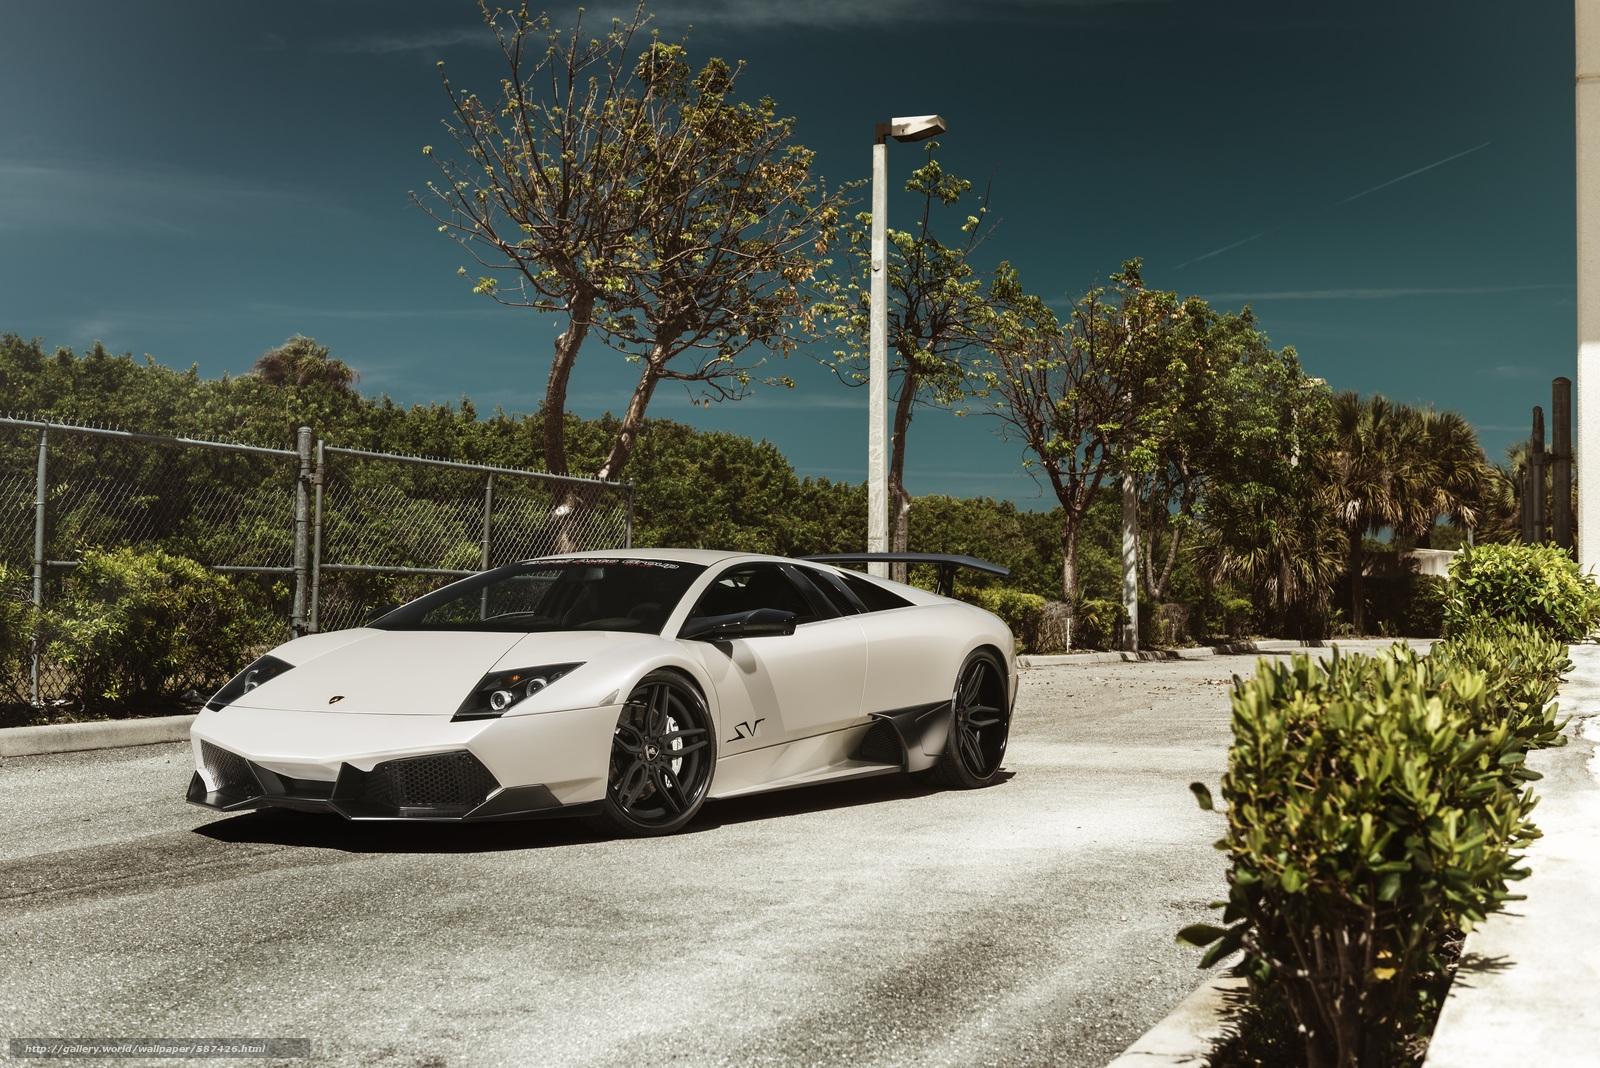 Скачать обои Lamborghini,  фонарь,  белая,  мурселаго бесплатно для рабочего стола в разрешении 6015x4015 — картинка №587426